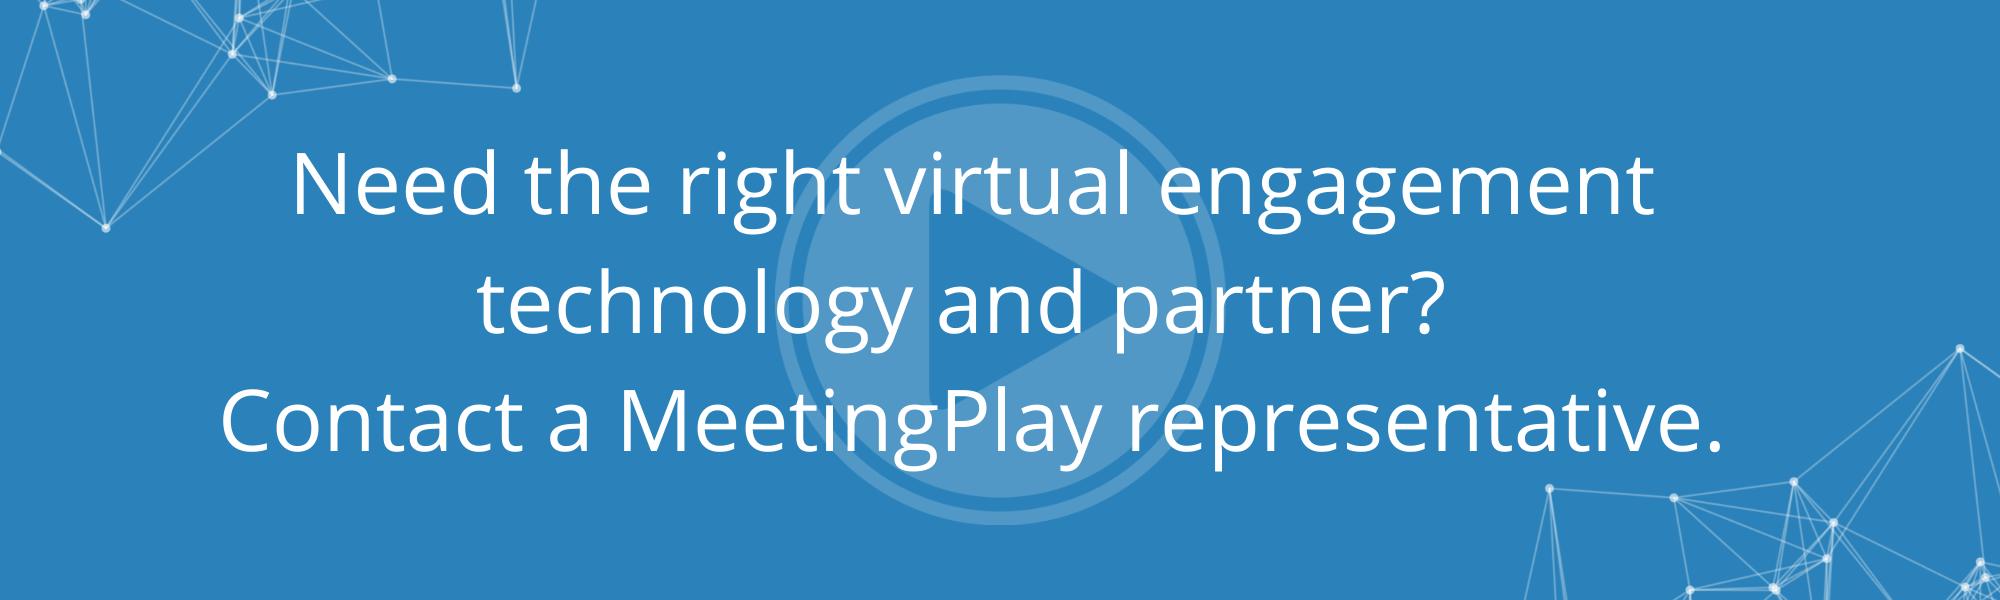 CTA Contact a MeetingPlay Representative